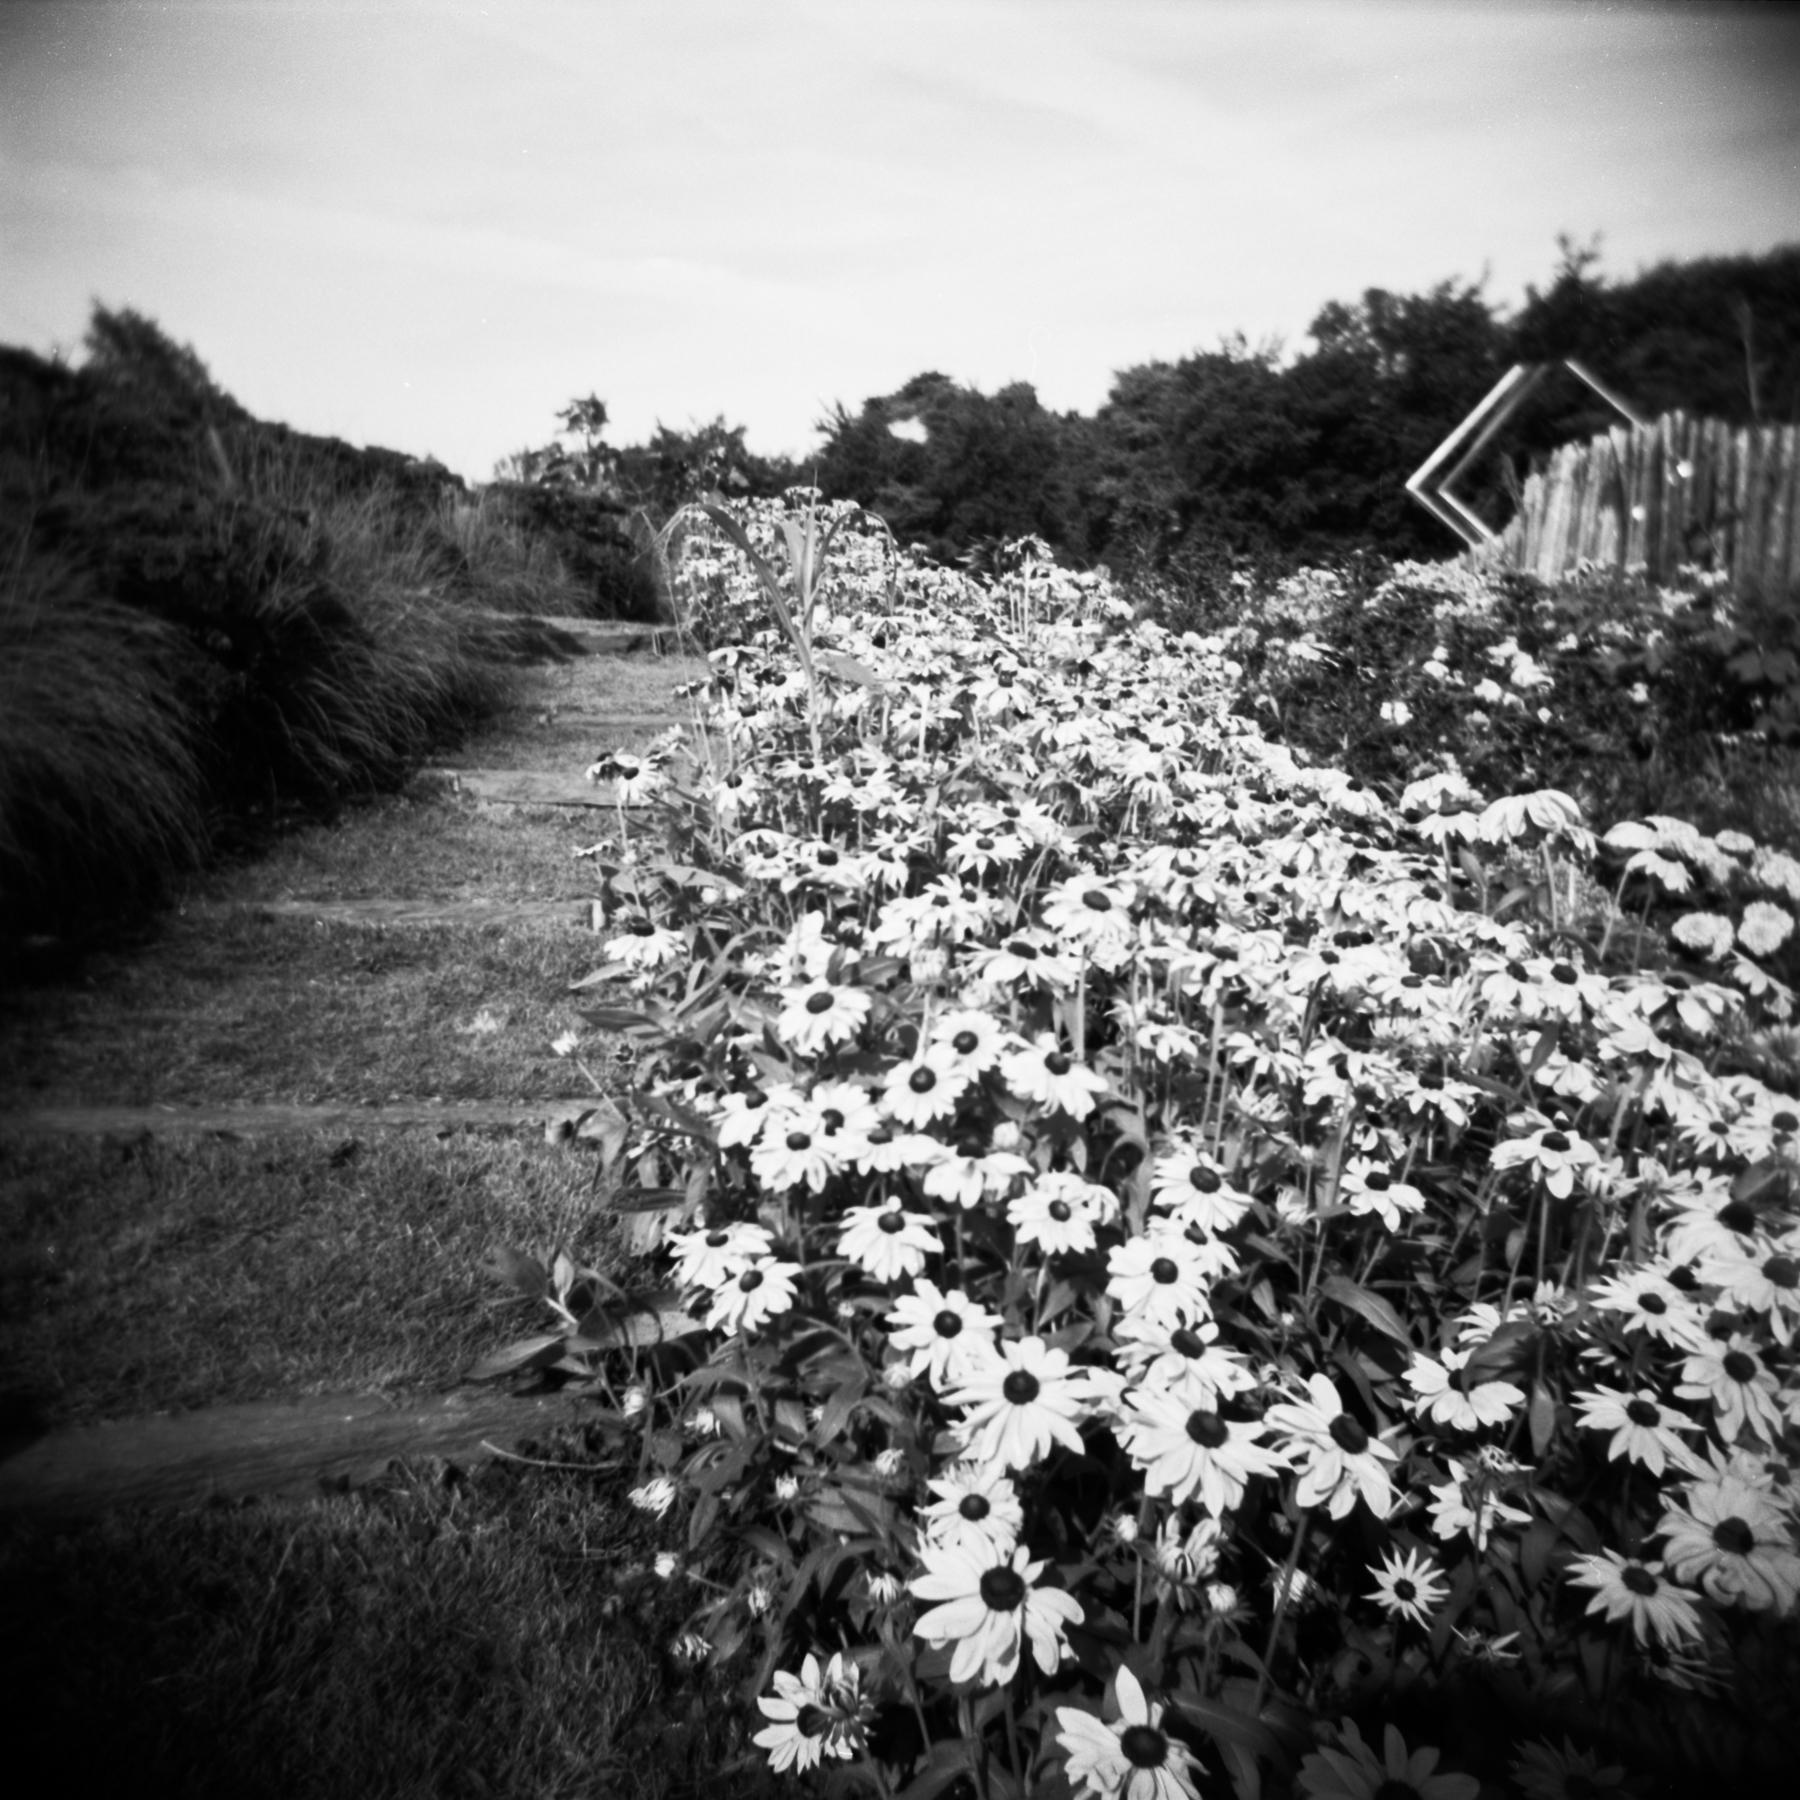 blackandwhiteparisphotography-40.jpg